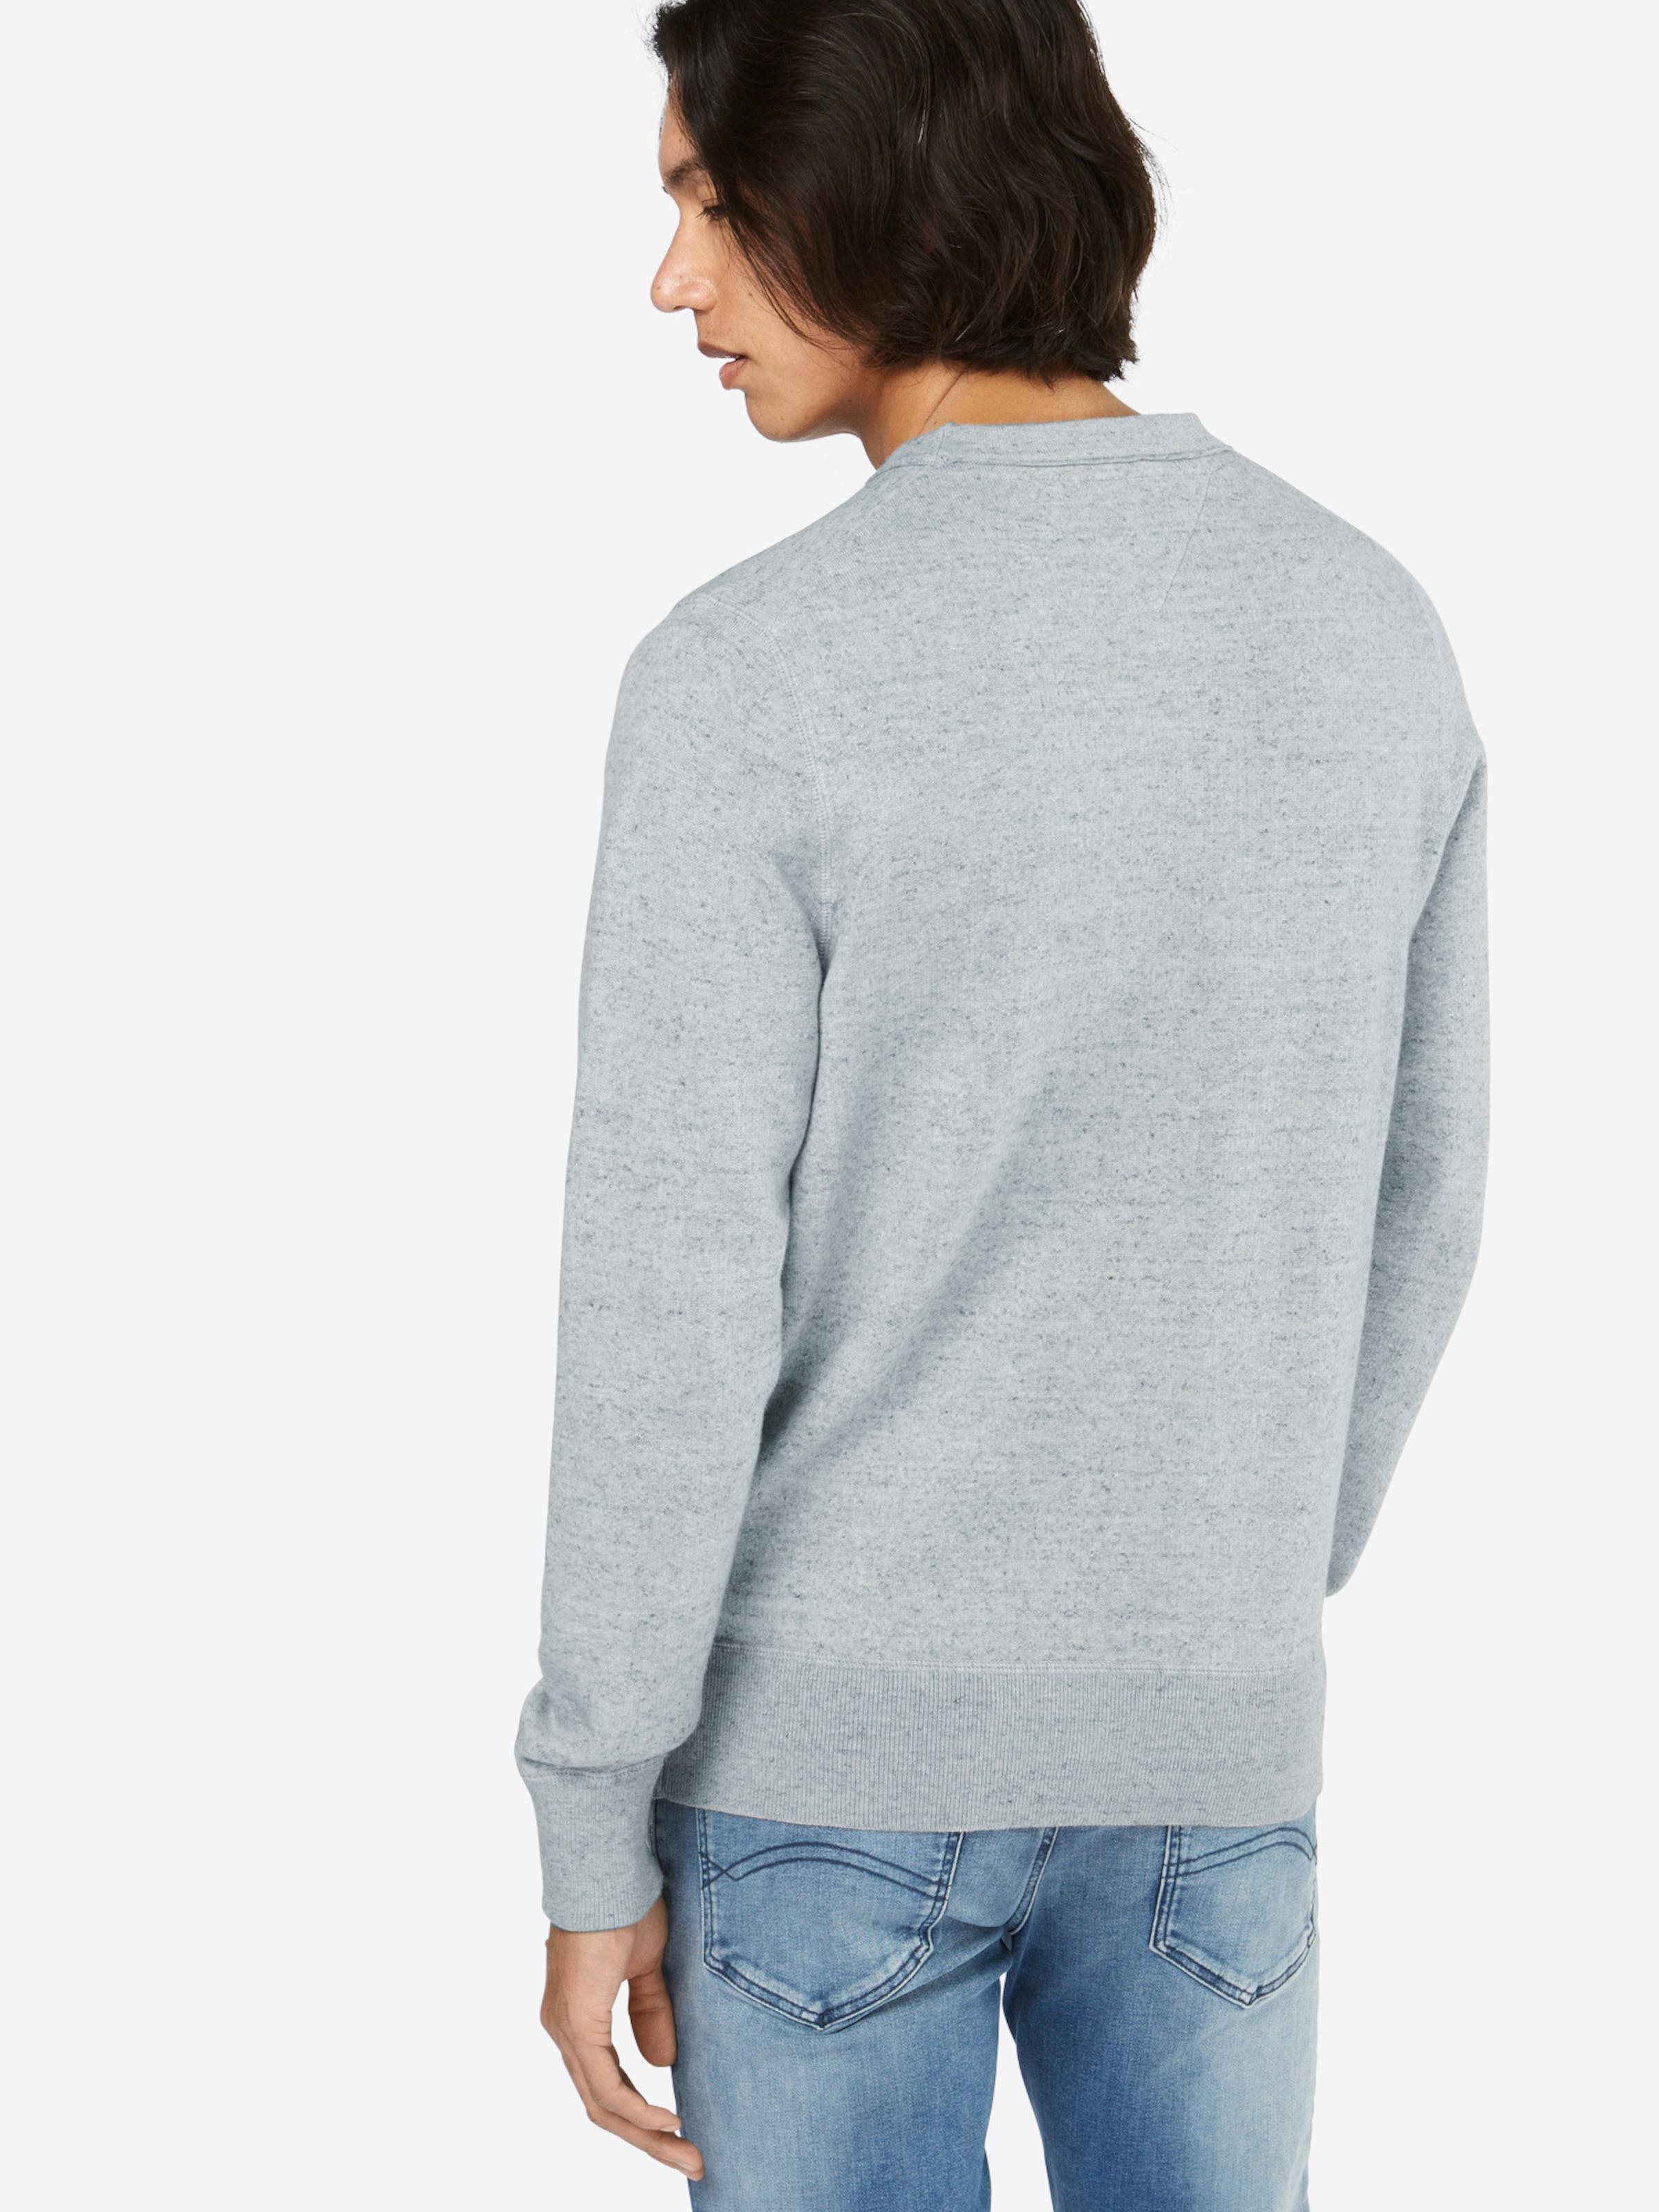 TOMMY HILFIGER Sweatshirt 'IGGY C-NK CF' Werksverkauf kSRnpN